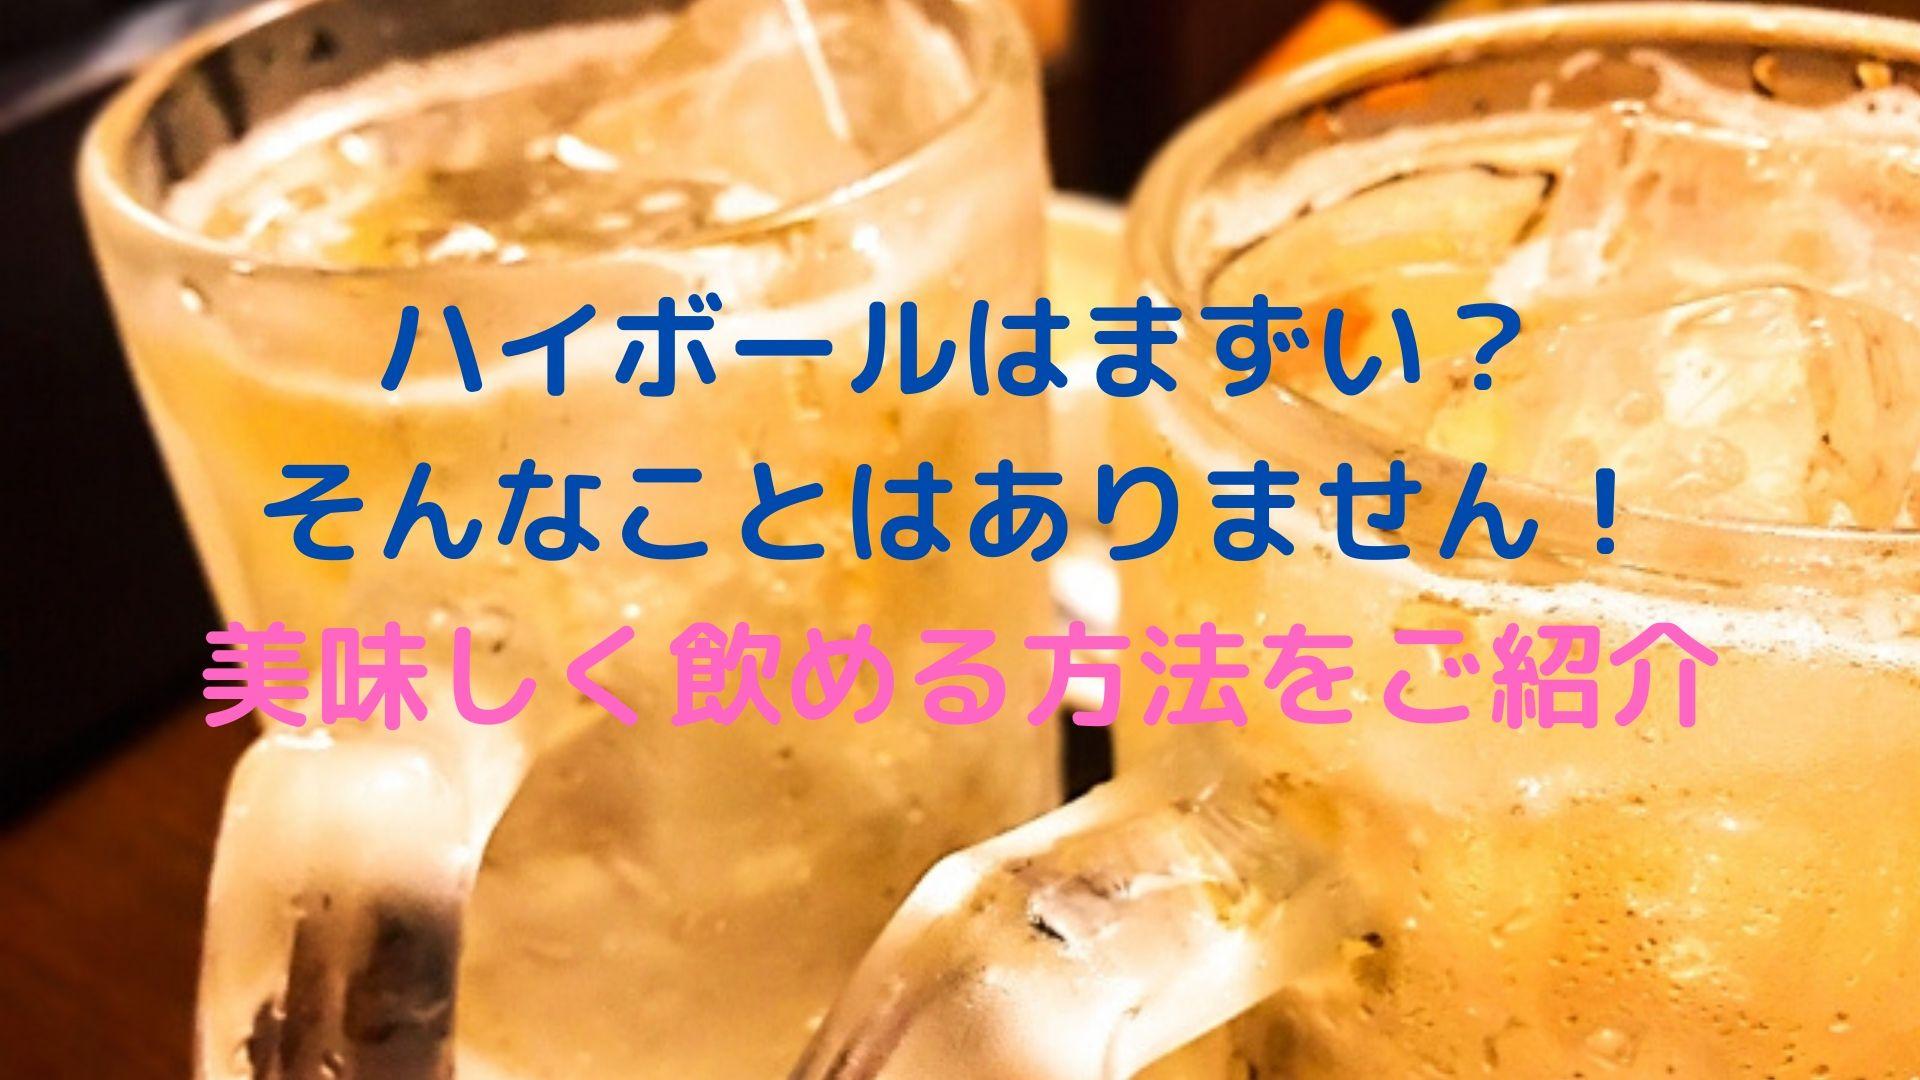 角ハイボールはまずい?いいえ、ハイボールを美味しく飲む方法を紹介